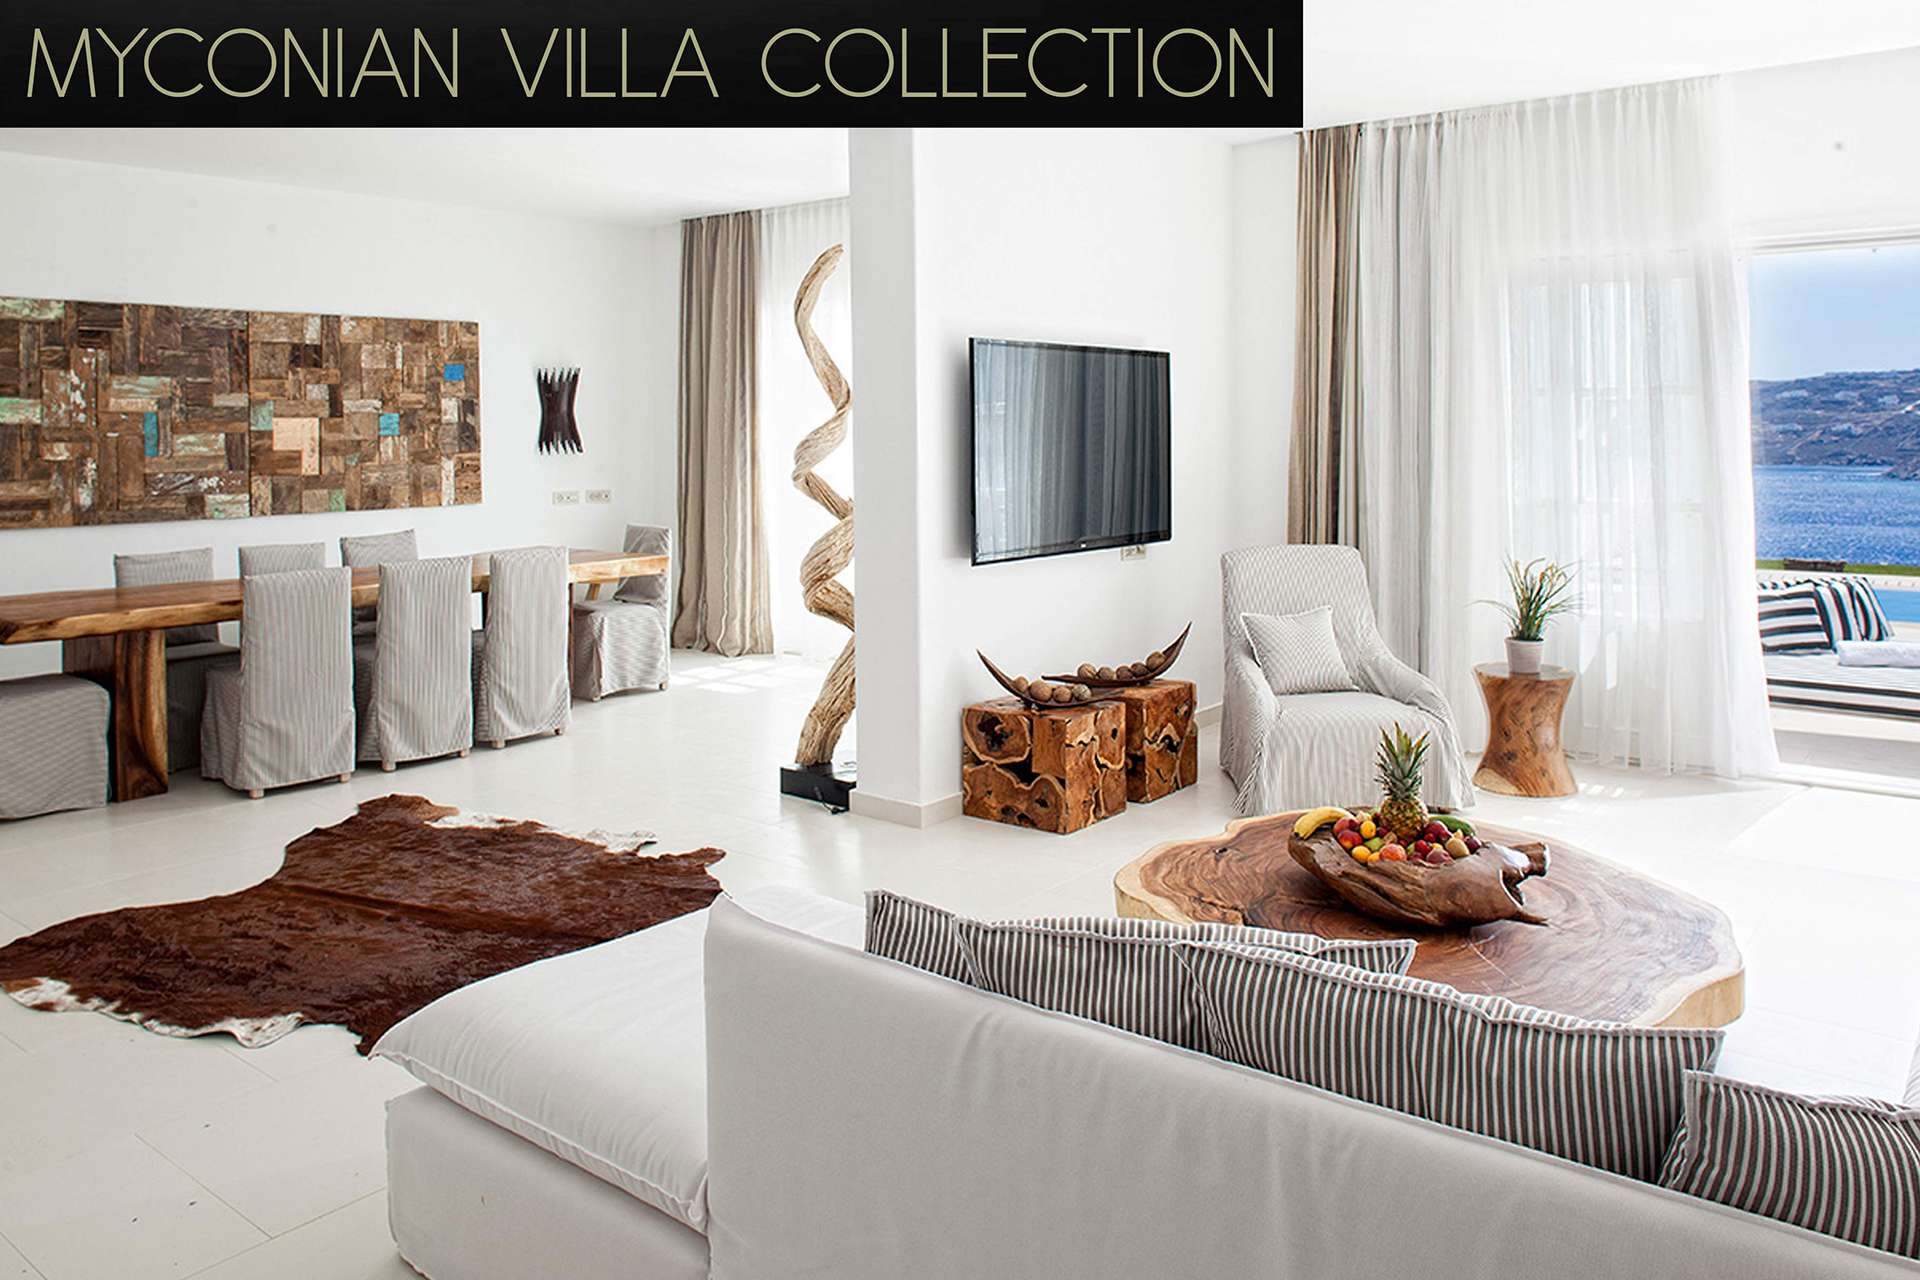 Myconian Villa Collection Mykonos Resort